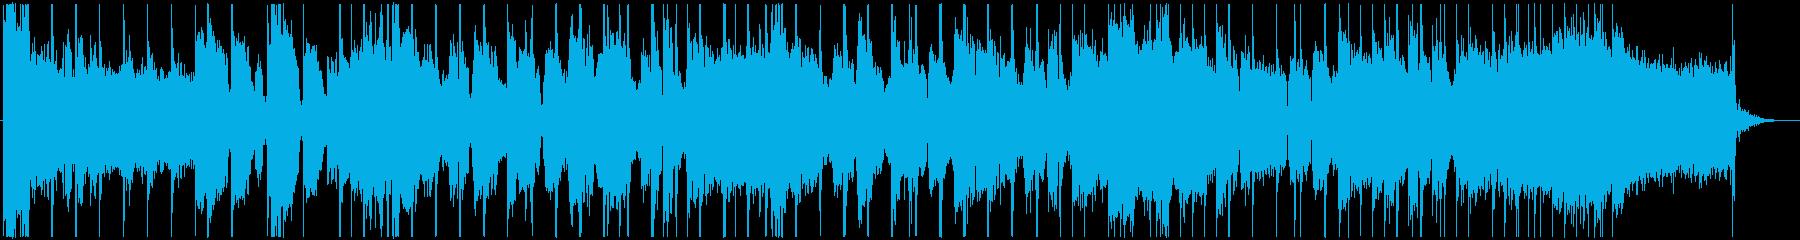 ロックでリズミカルなオープニング用の曲の再生済みの波形